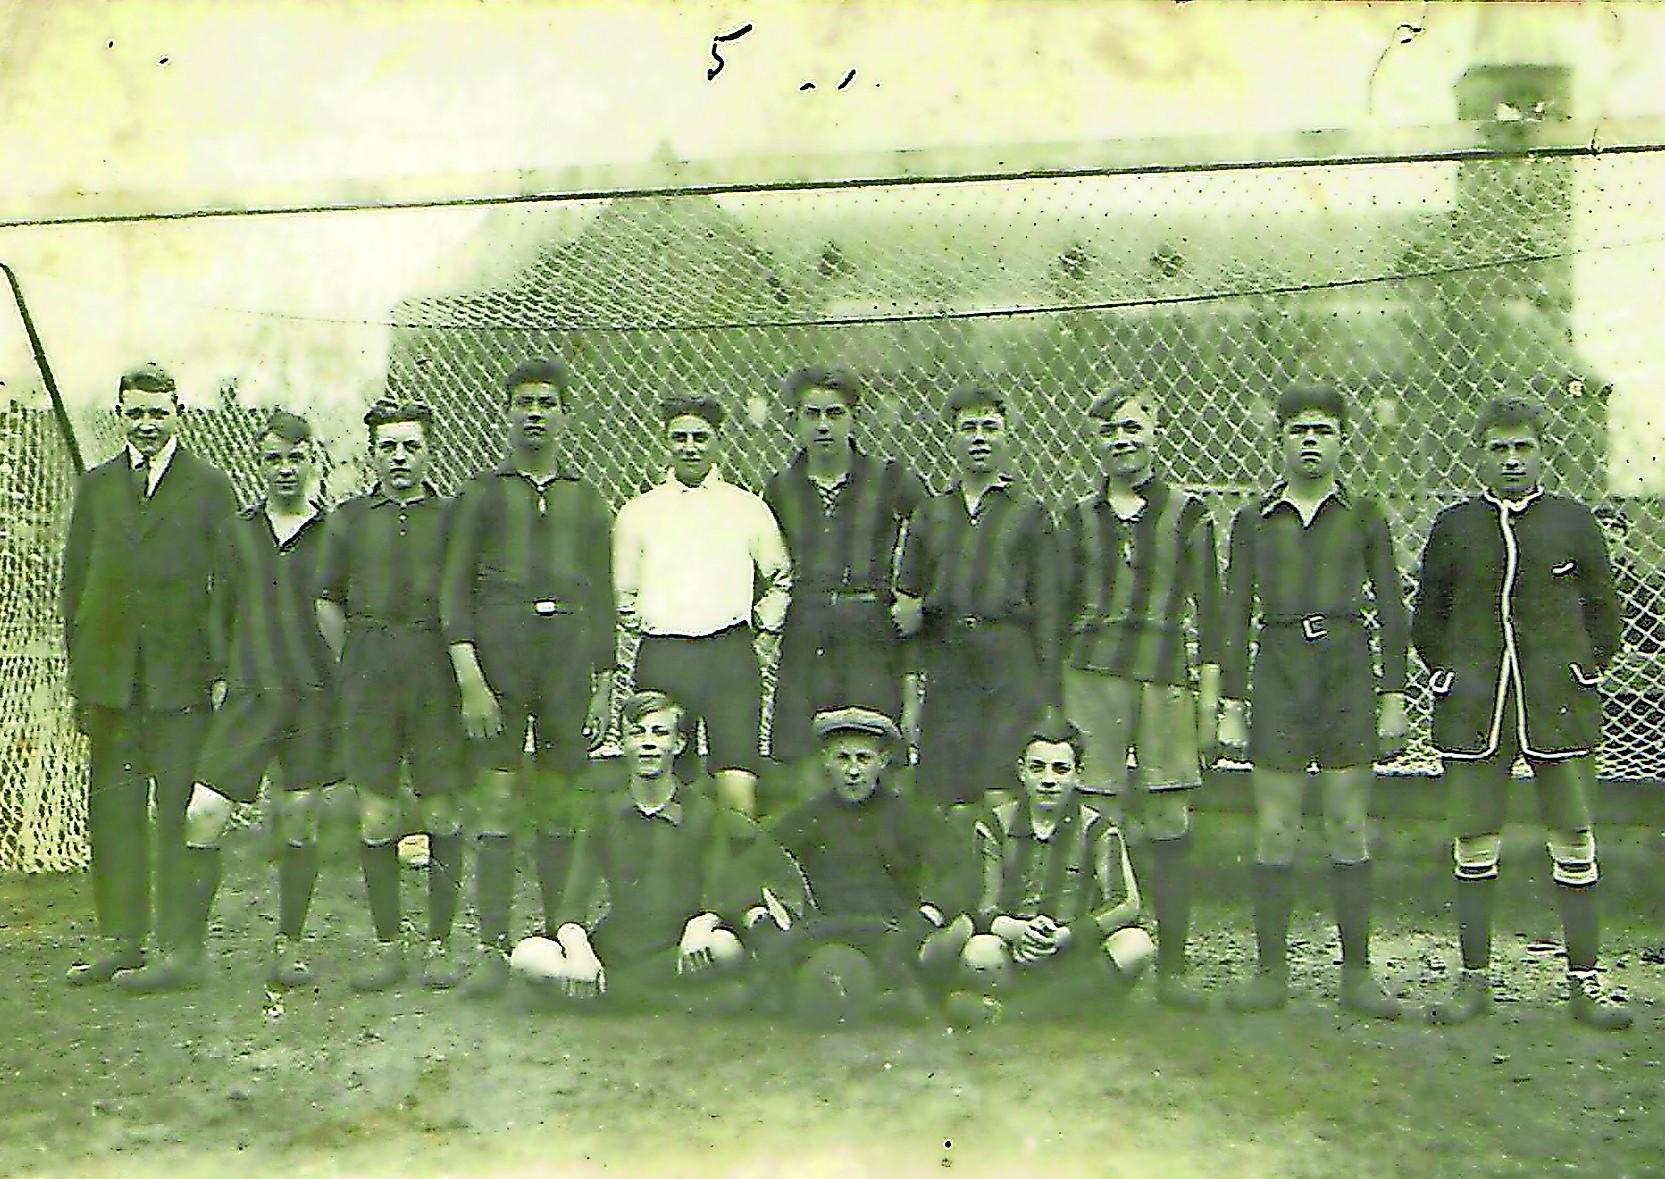 Honderd jaar voetbal in Volendam: op zoek naar het geheim van een bijzondere dorpsclub. 'Je moet geen kapsones hebben, want dan gaat je kop eraf'